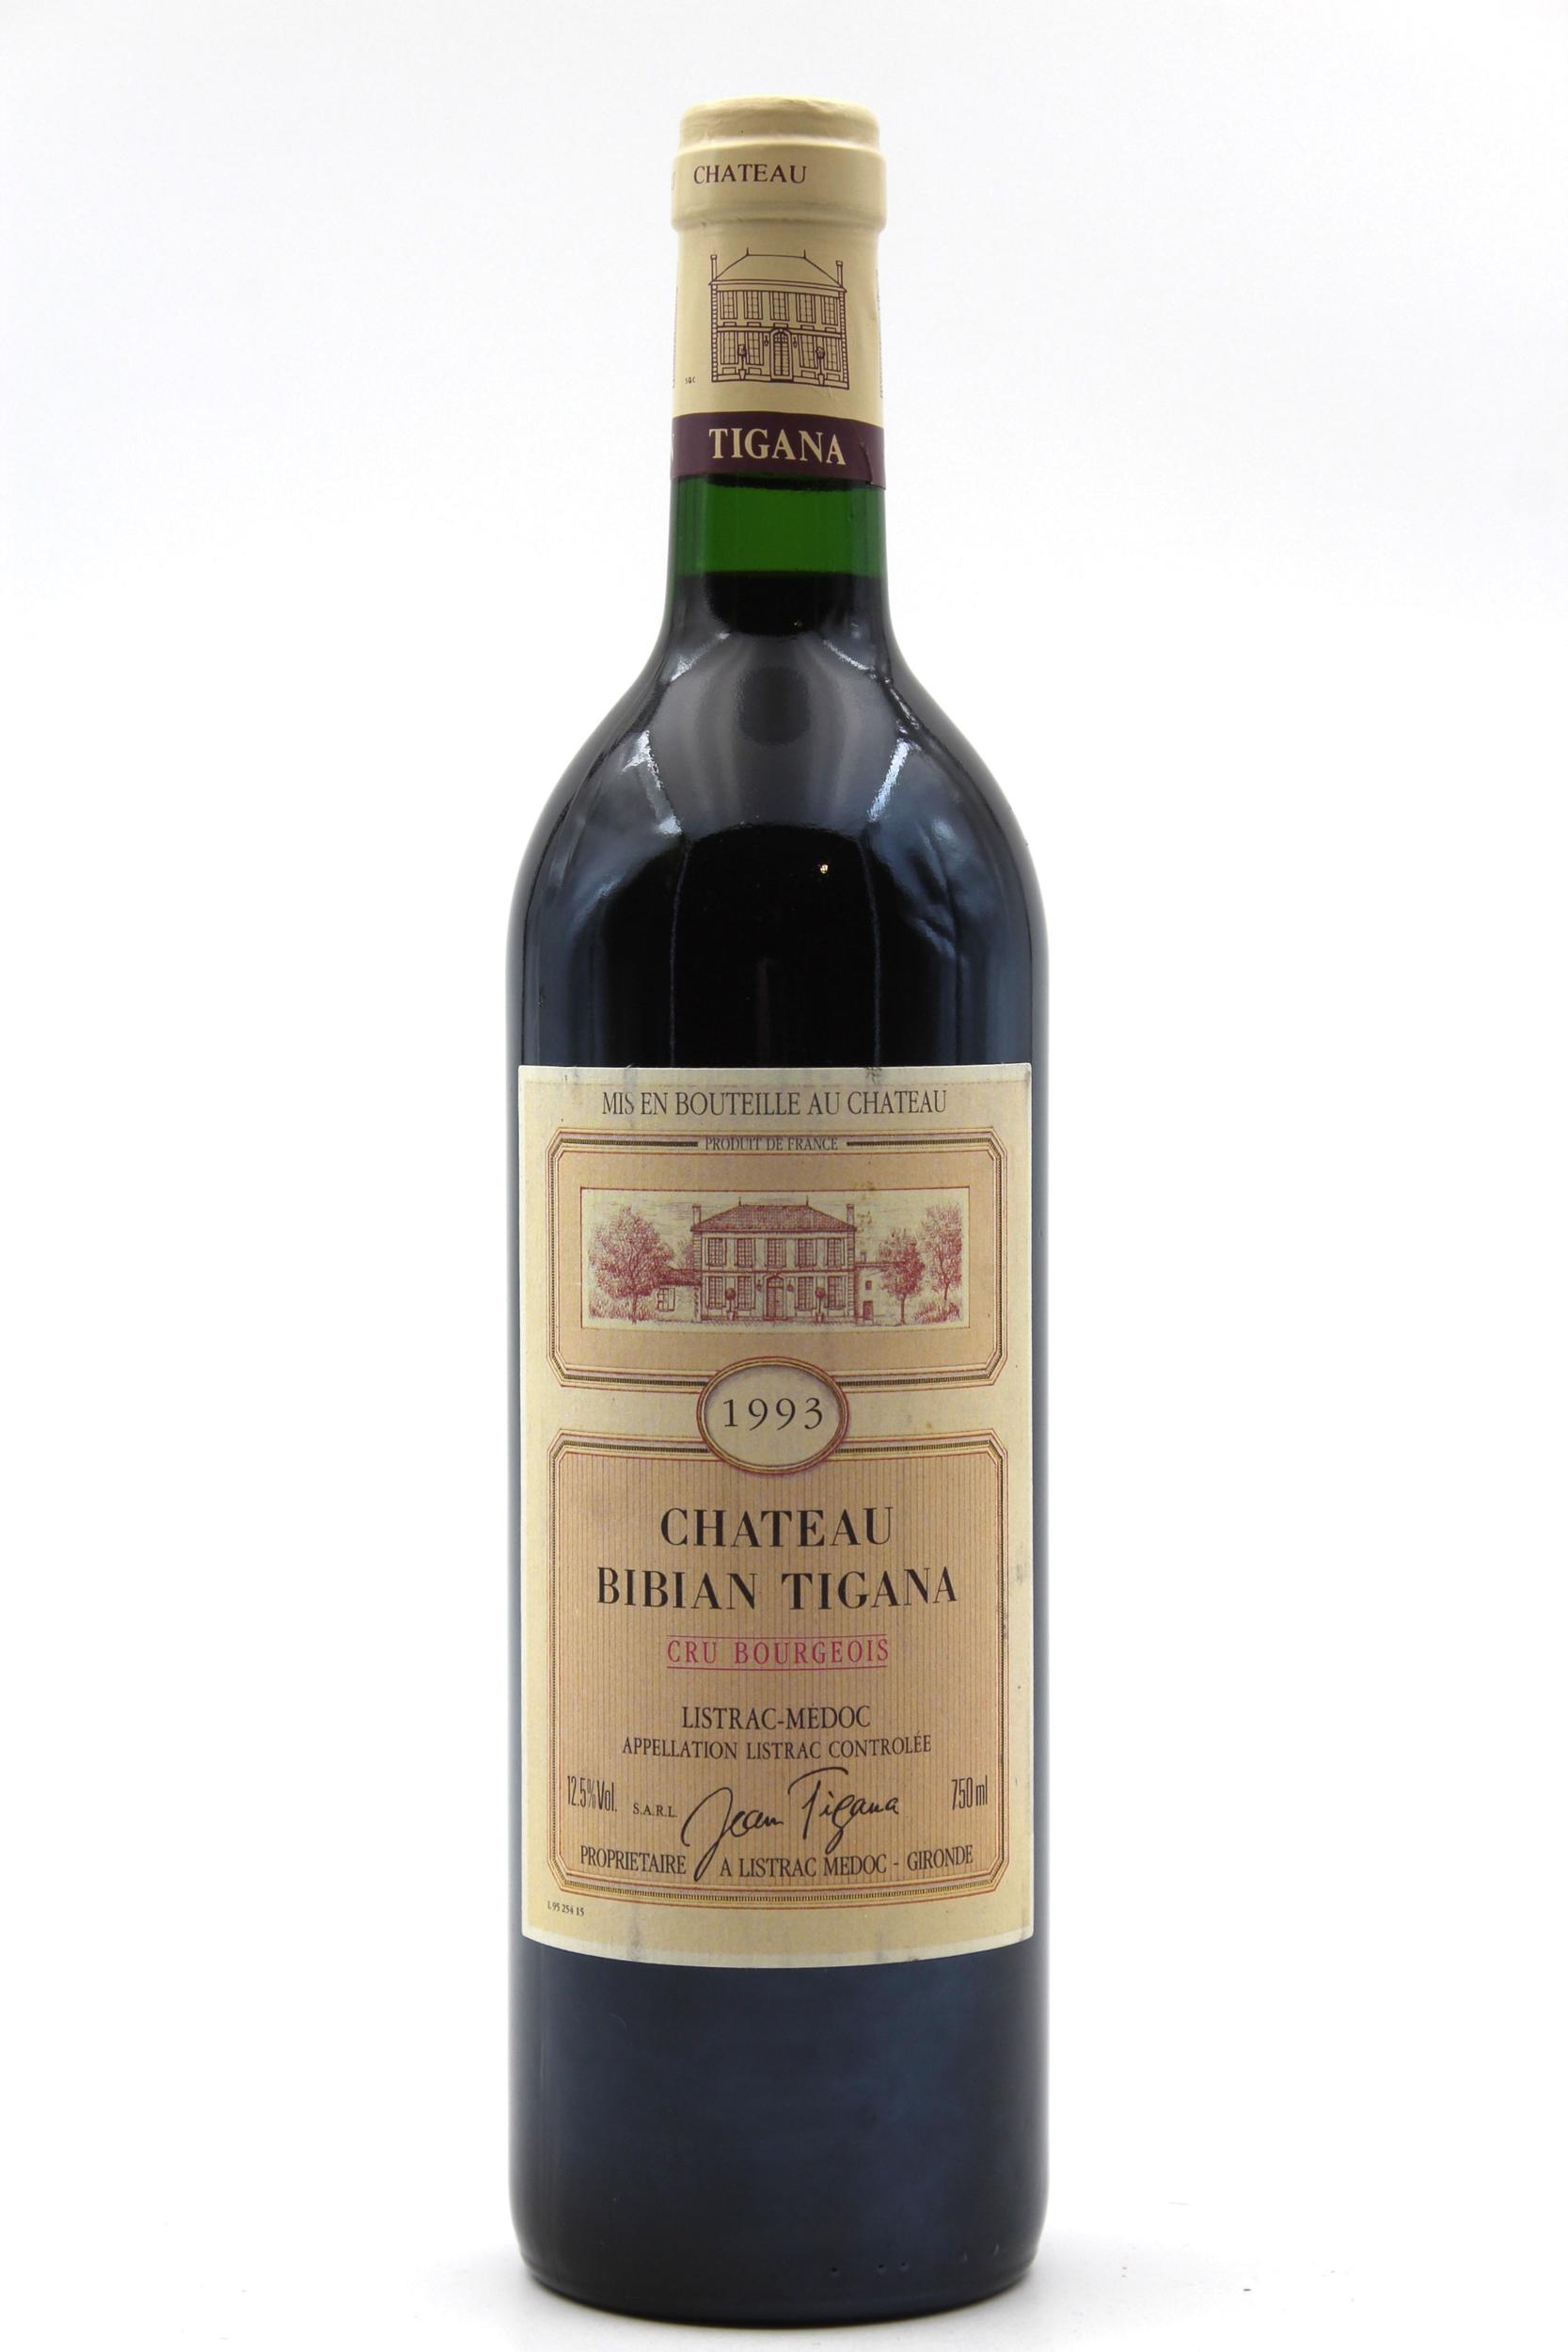 Château Bibian Tigana 1993 Cru Bourgeois vin Rouge 75cl AOC Listrac-Médoc